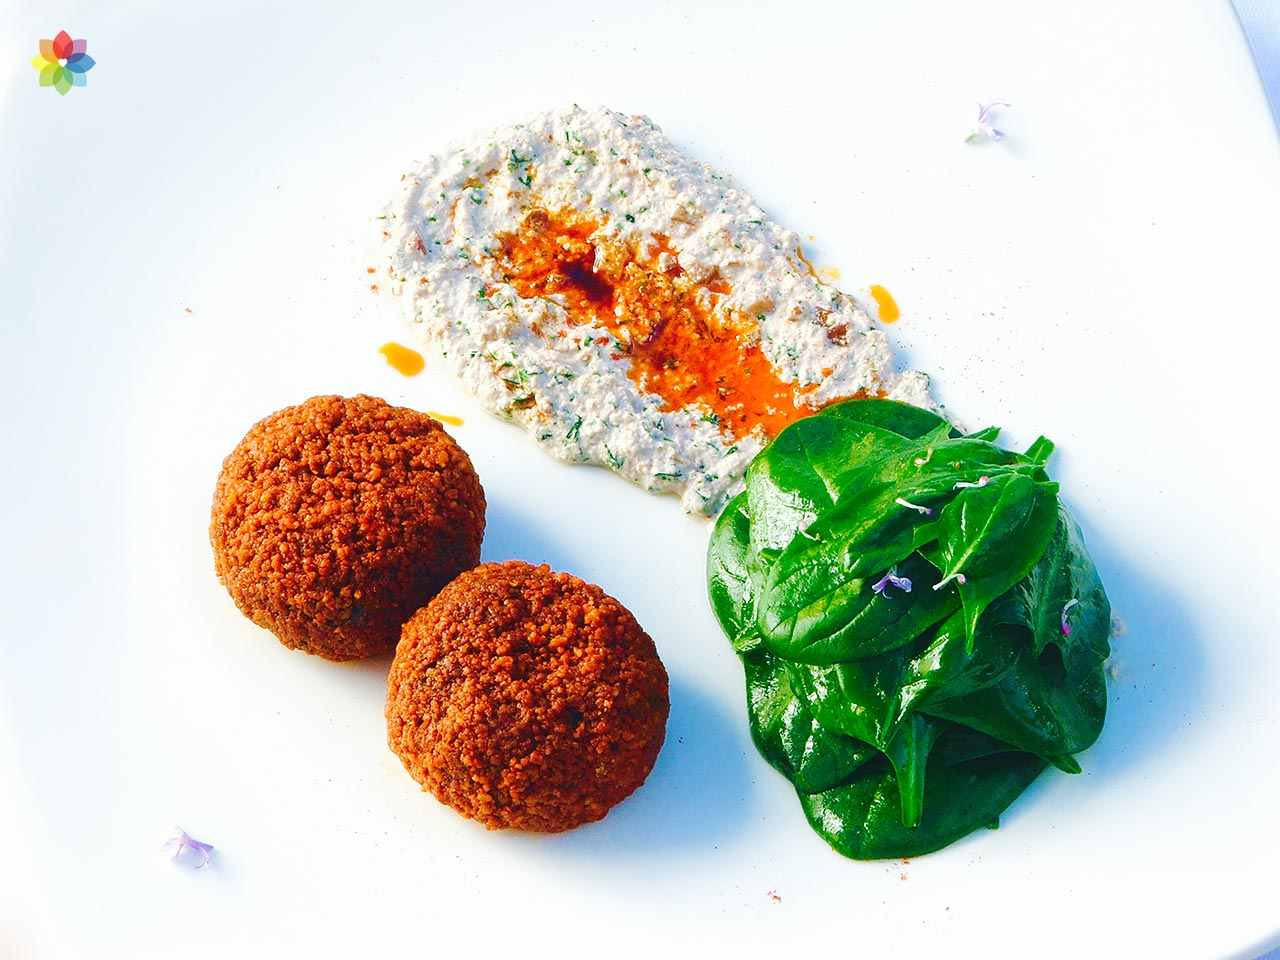 Croquetas de acelga con salsa tártara y espinacas